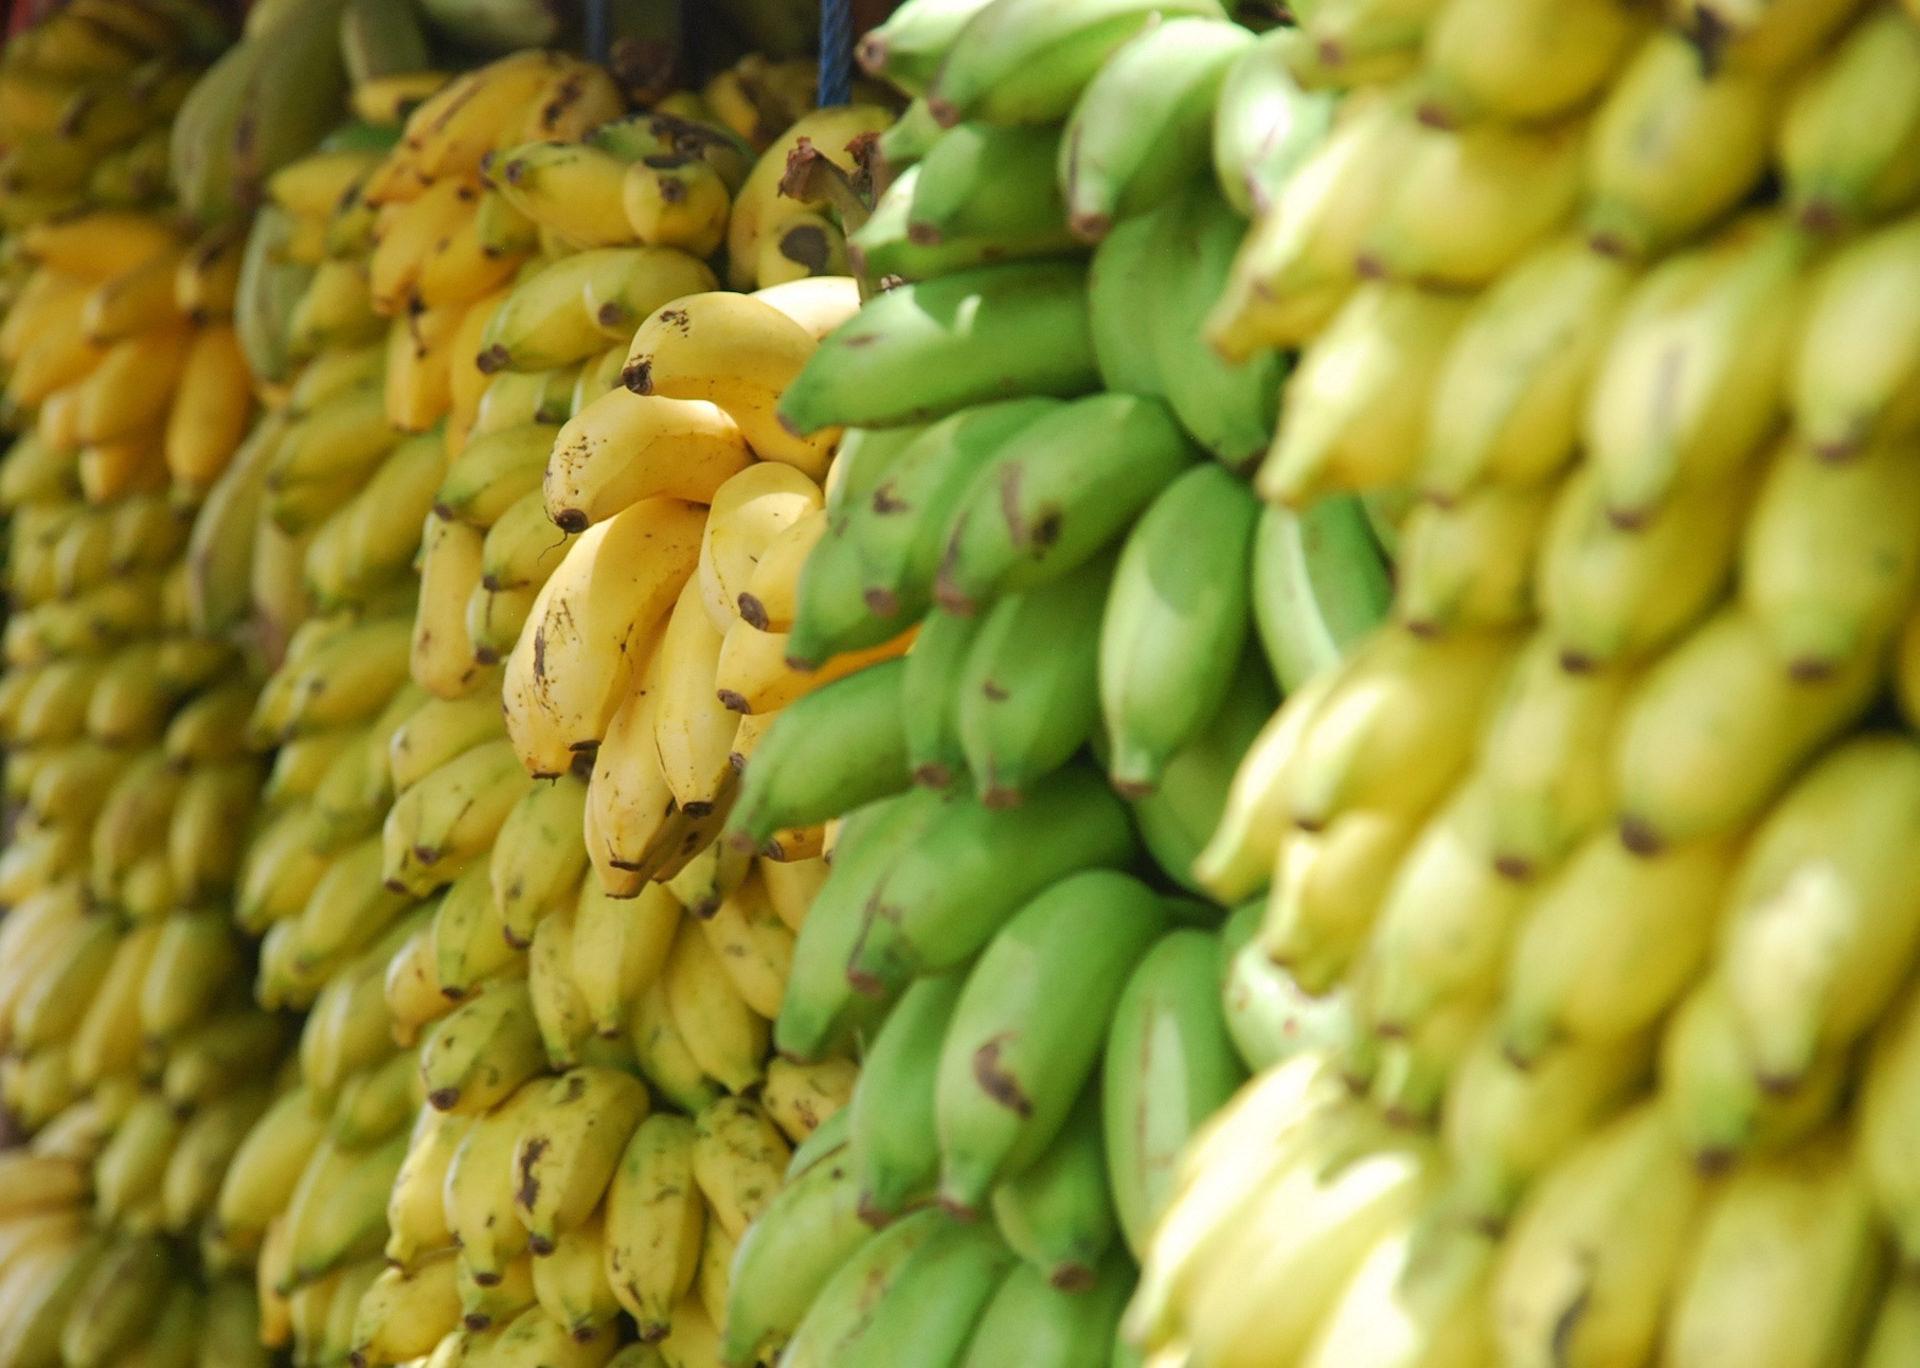 plátanos, bananas, frutas, clusters de, Amarelo - Papéis de parede HD - Professor-falken.com